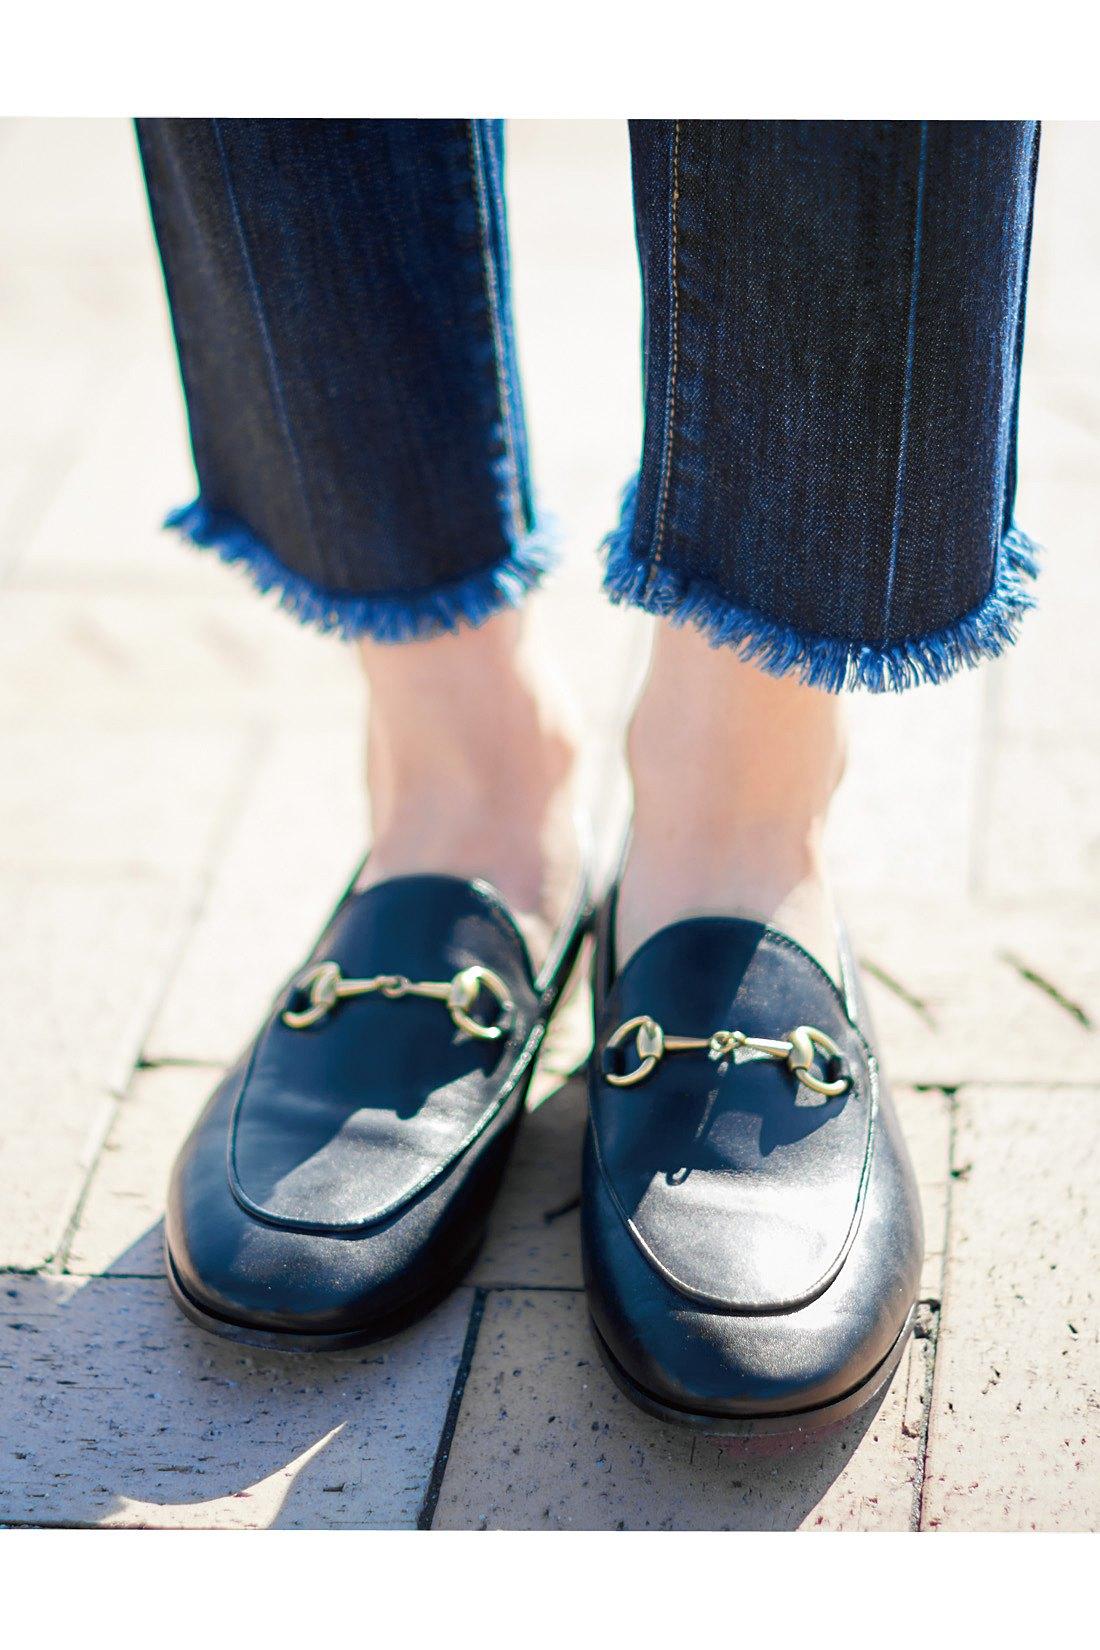 どんな靴とも好バランスな絶妙丈。適度にゆとりのあるすそ幅が足もとをすっきりと演出。パンプスはもちろんのこと、ぺたんこシューズやスニーカーにも好相性なバランスにこだわりました。※お届けするカラーとは異なります。